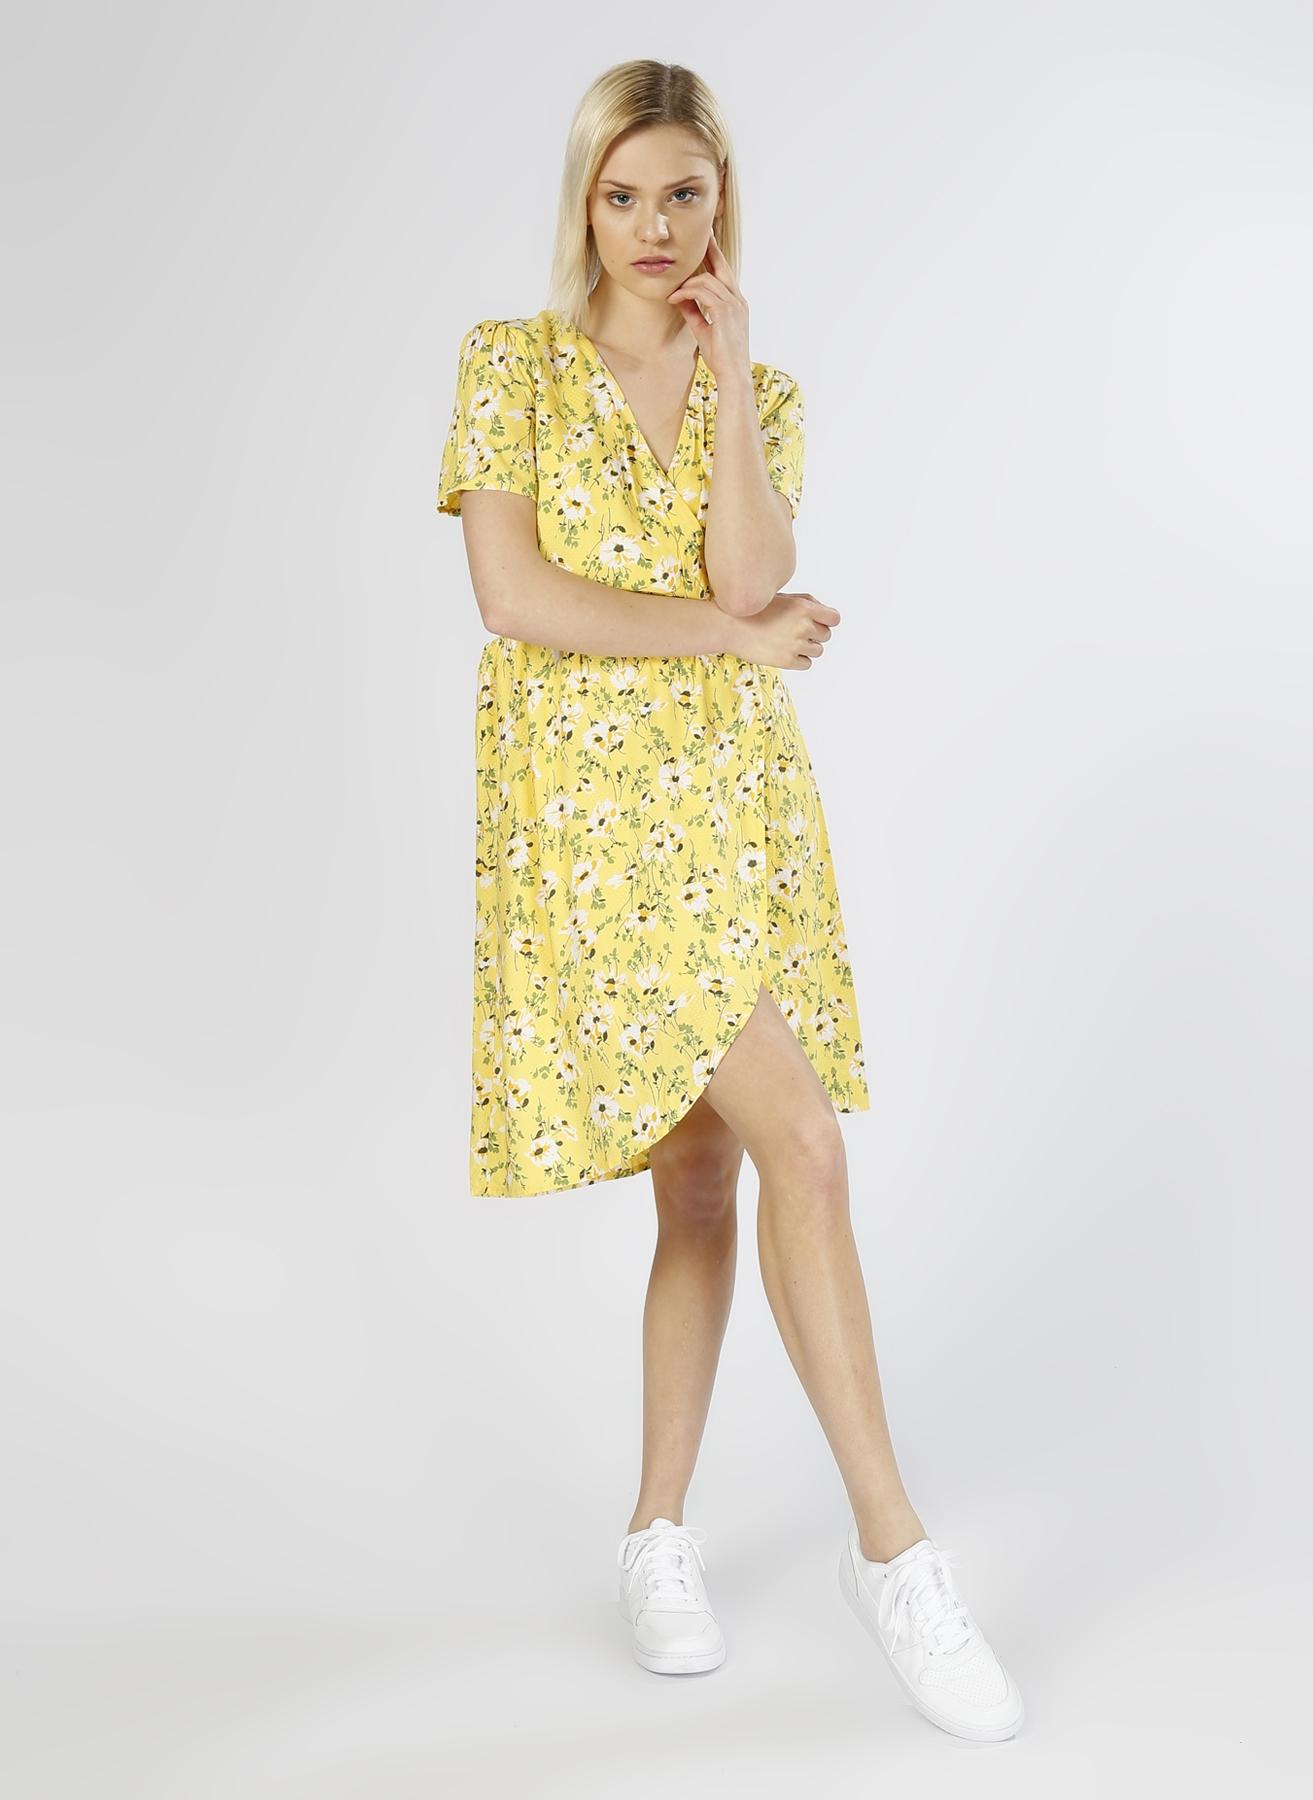 Vero Moda Desenli Kruvaze Sarı Elbise XS 5000196102005 Ürün Resmi